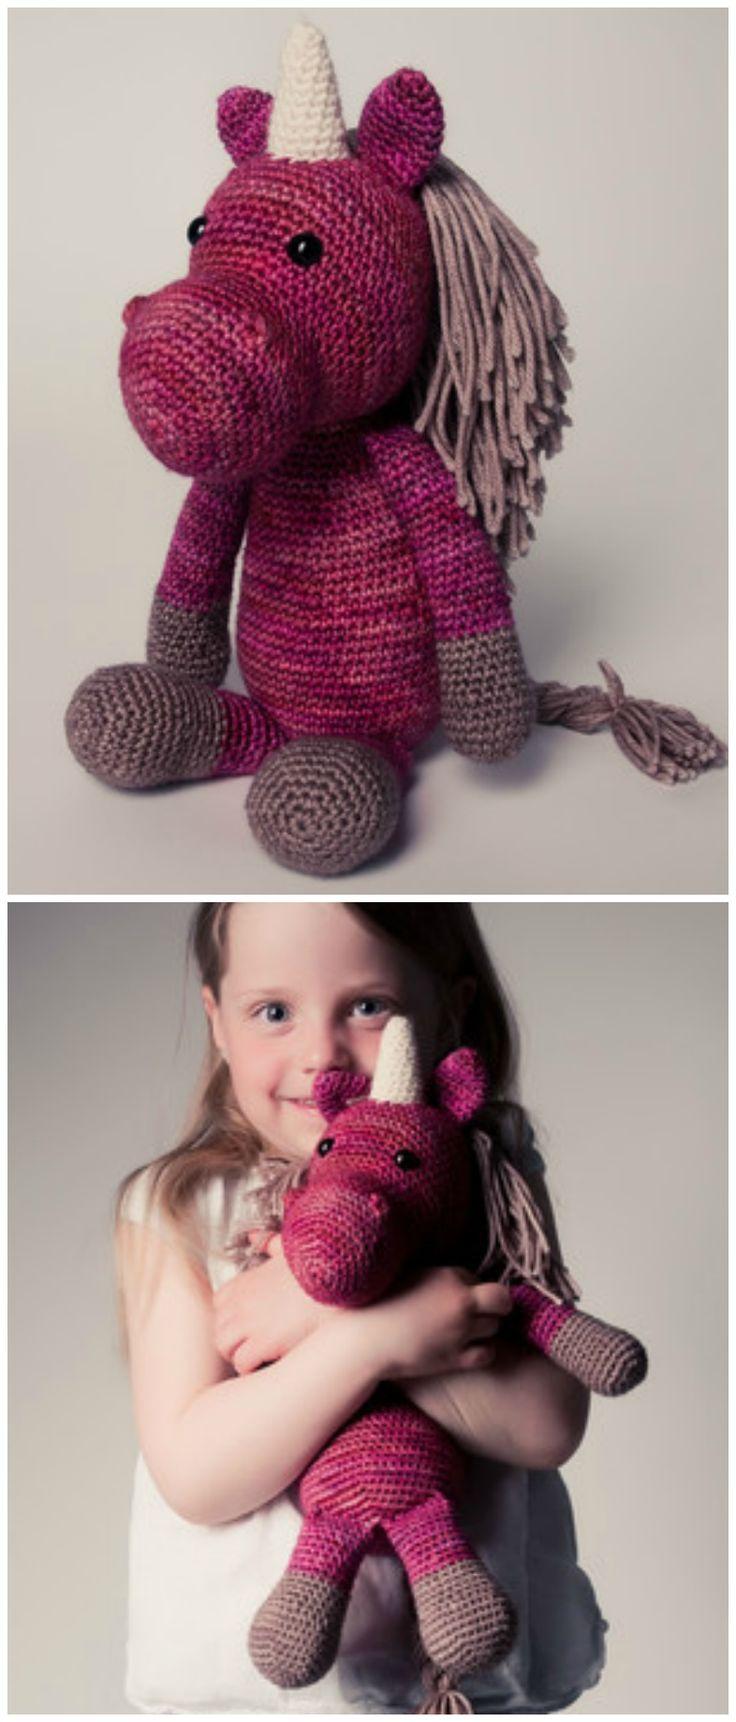 Süßes gehäkeltes Einhorn in Deiner Wunschfarbe, Geschenkidee für Kinder / gift idea for kids: crocheted unicorn in the colour of your choice made by pauSchal via DaWanda.com